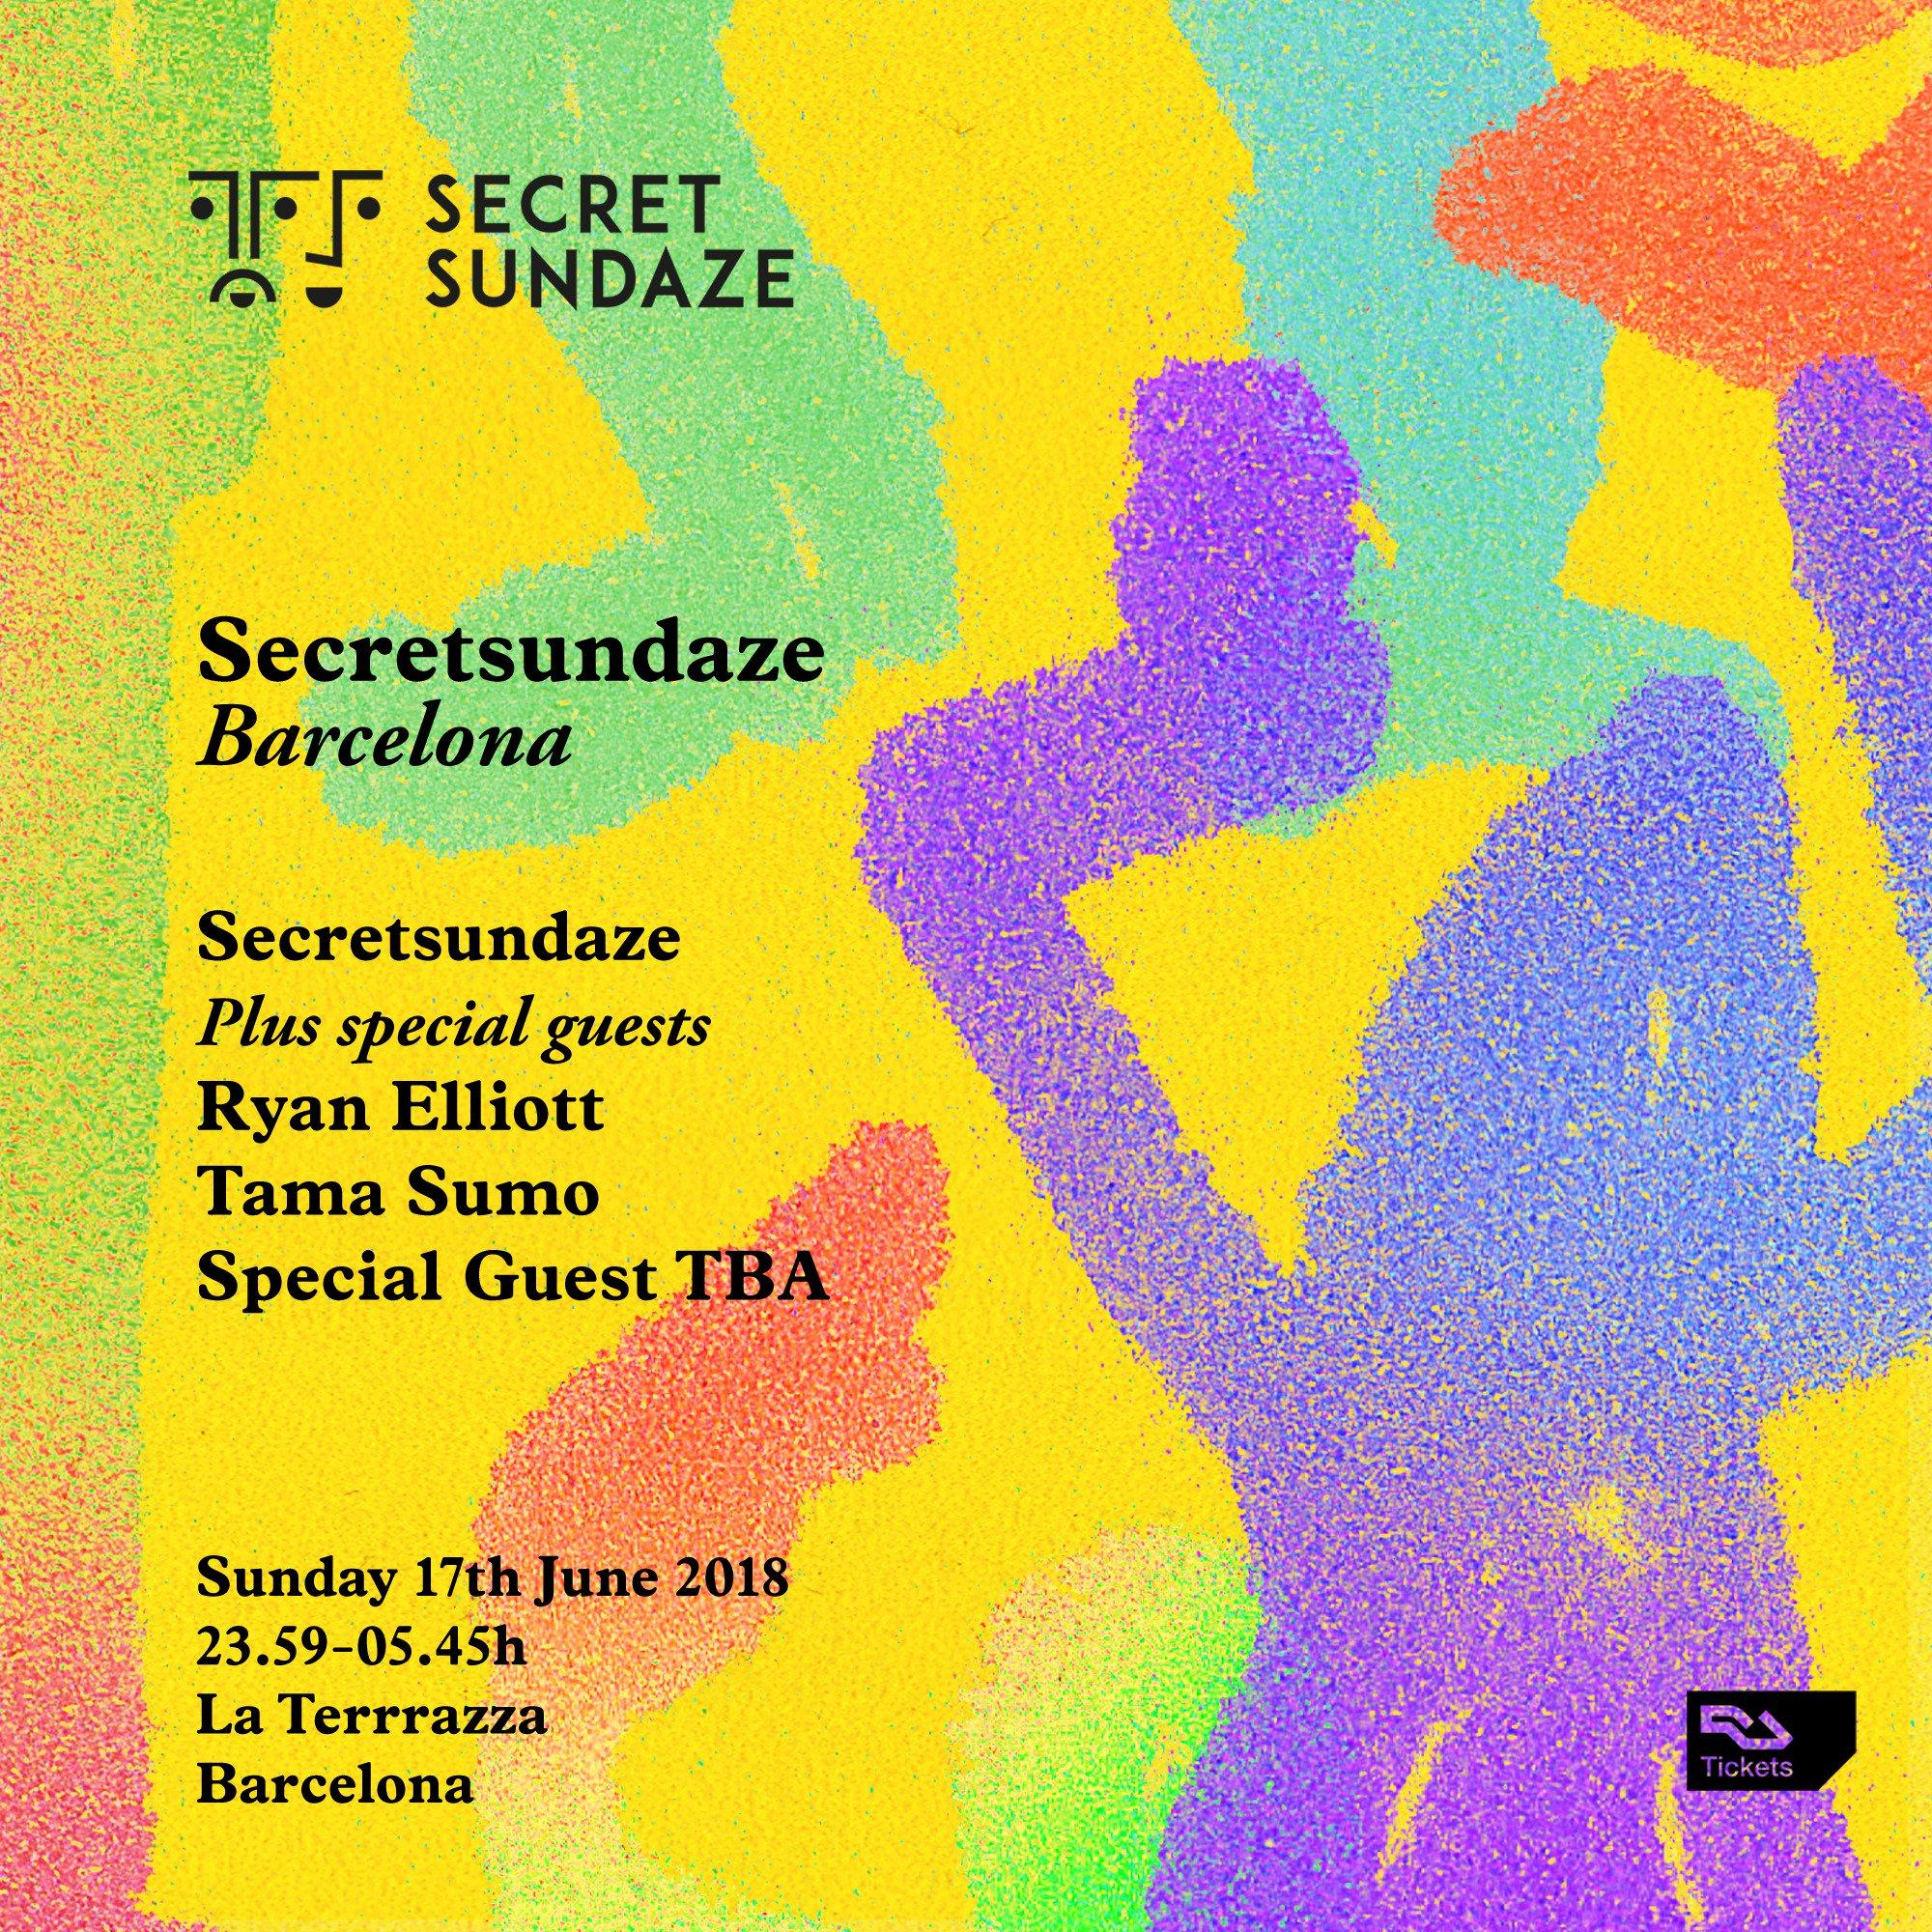 Secretsundaze On Twitter We Are Back At The Beautiful La